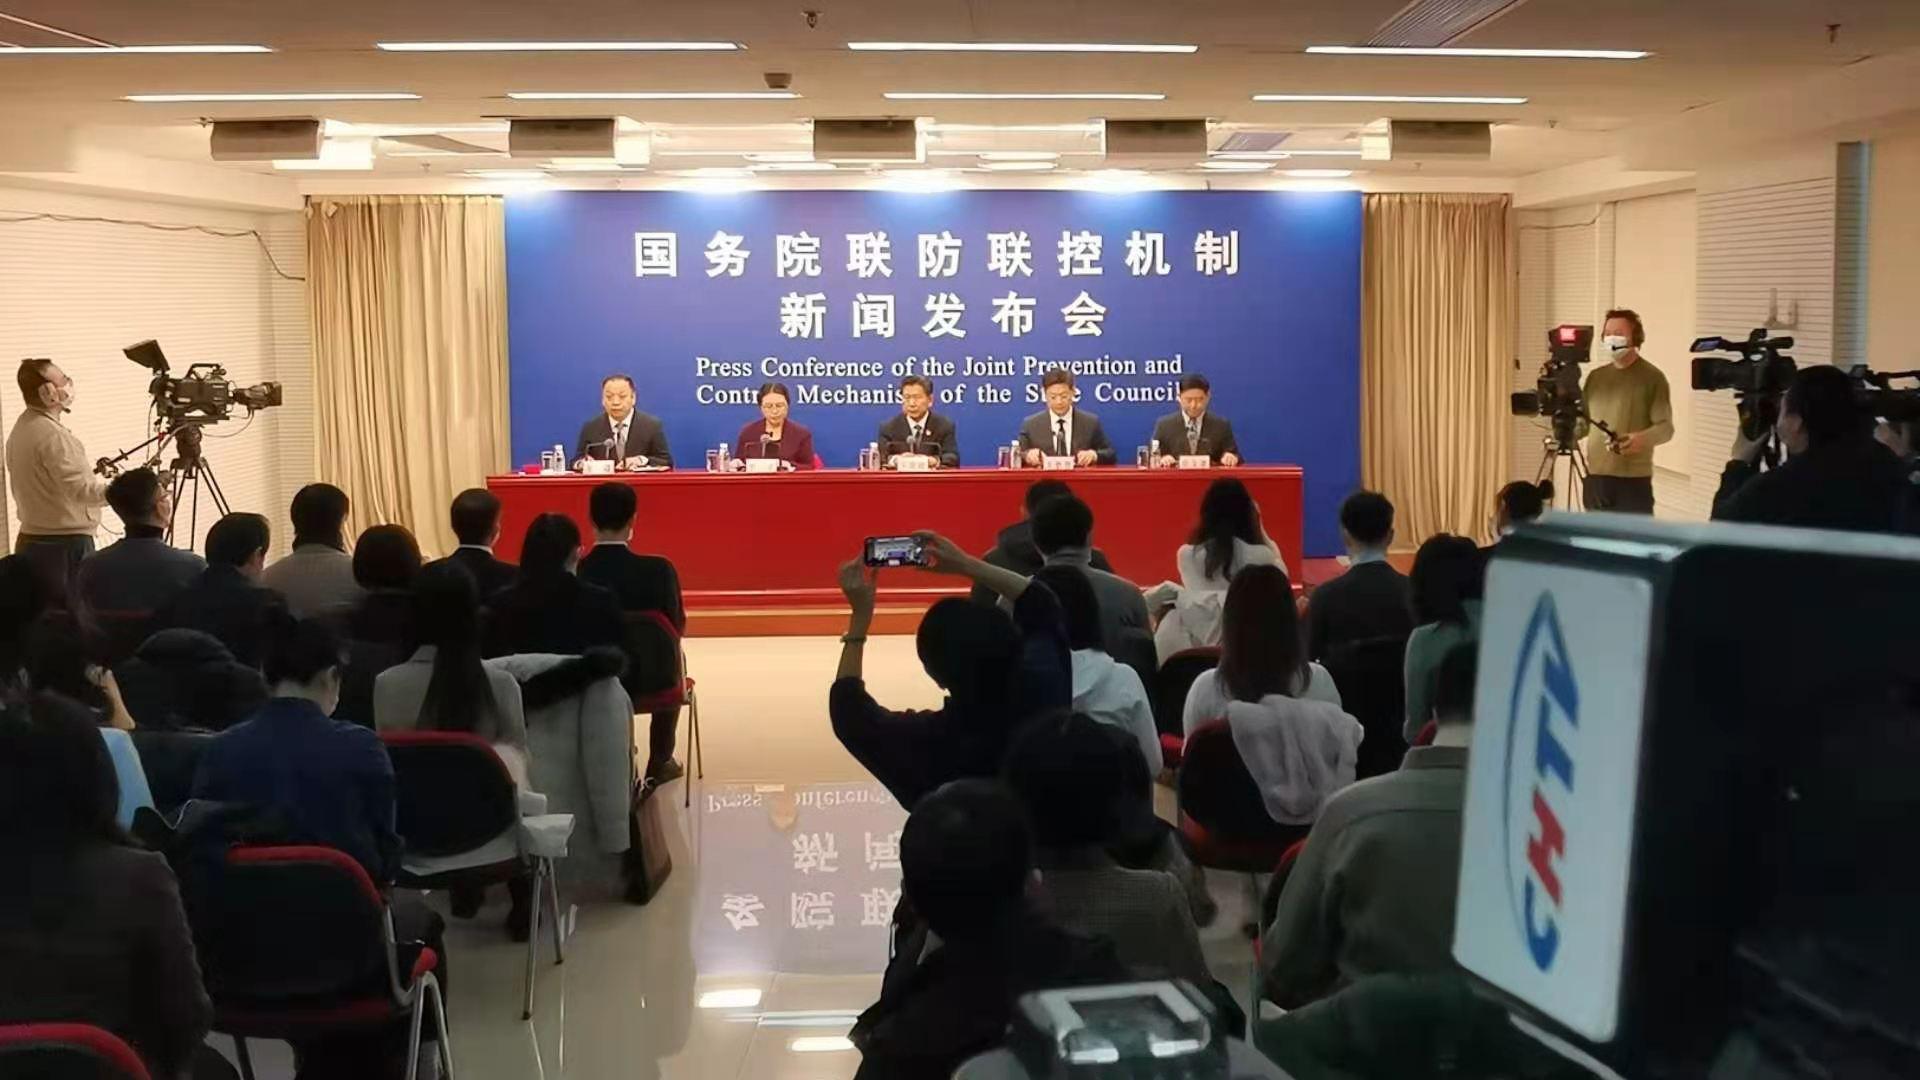 国务院联防联控机制就人民群众就地过年和春节期间疫情防控有关情况举行发布会